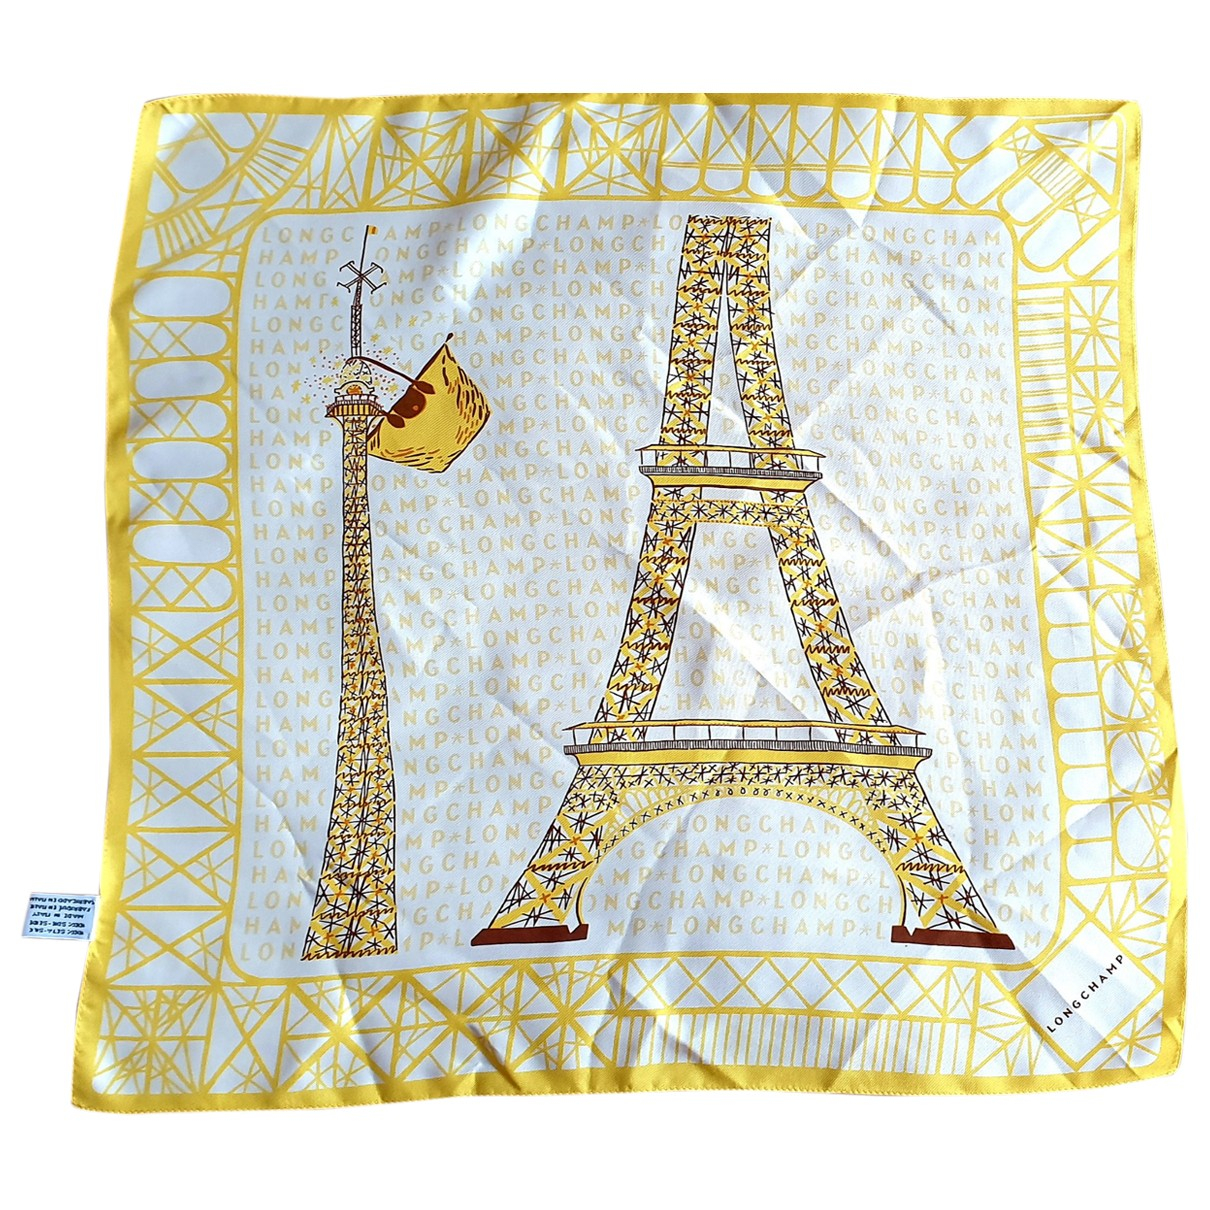 Longchamp - Foulard   pour femme en soie